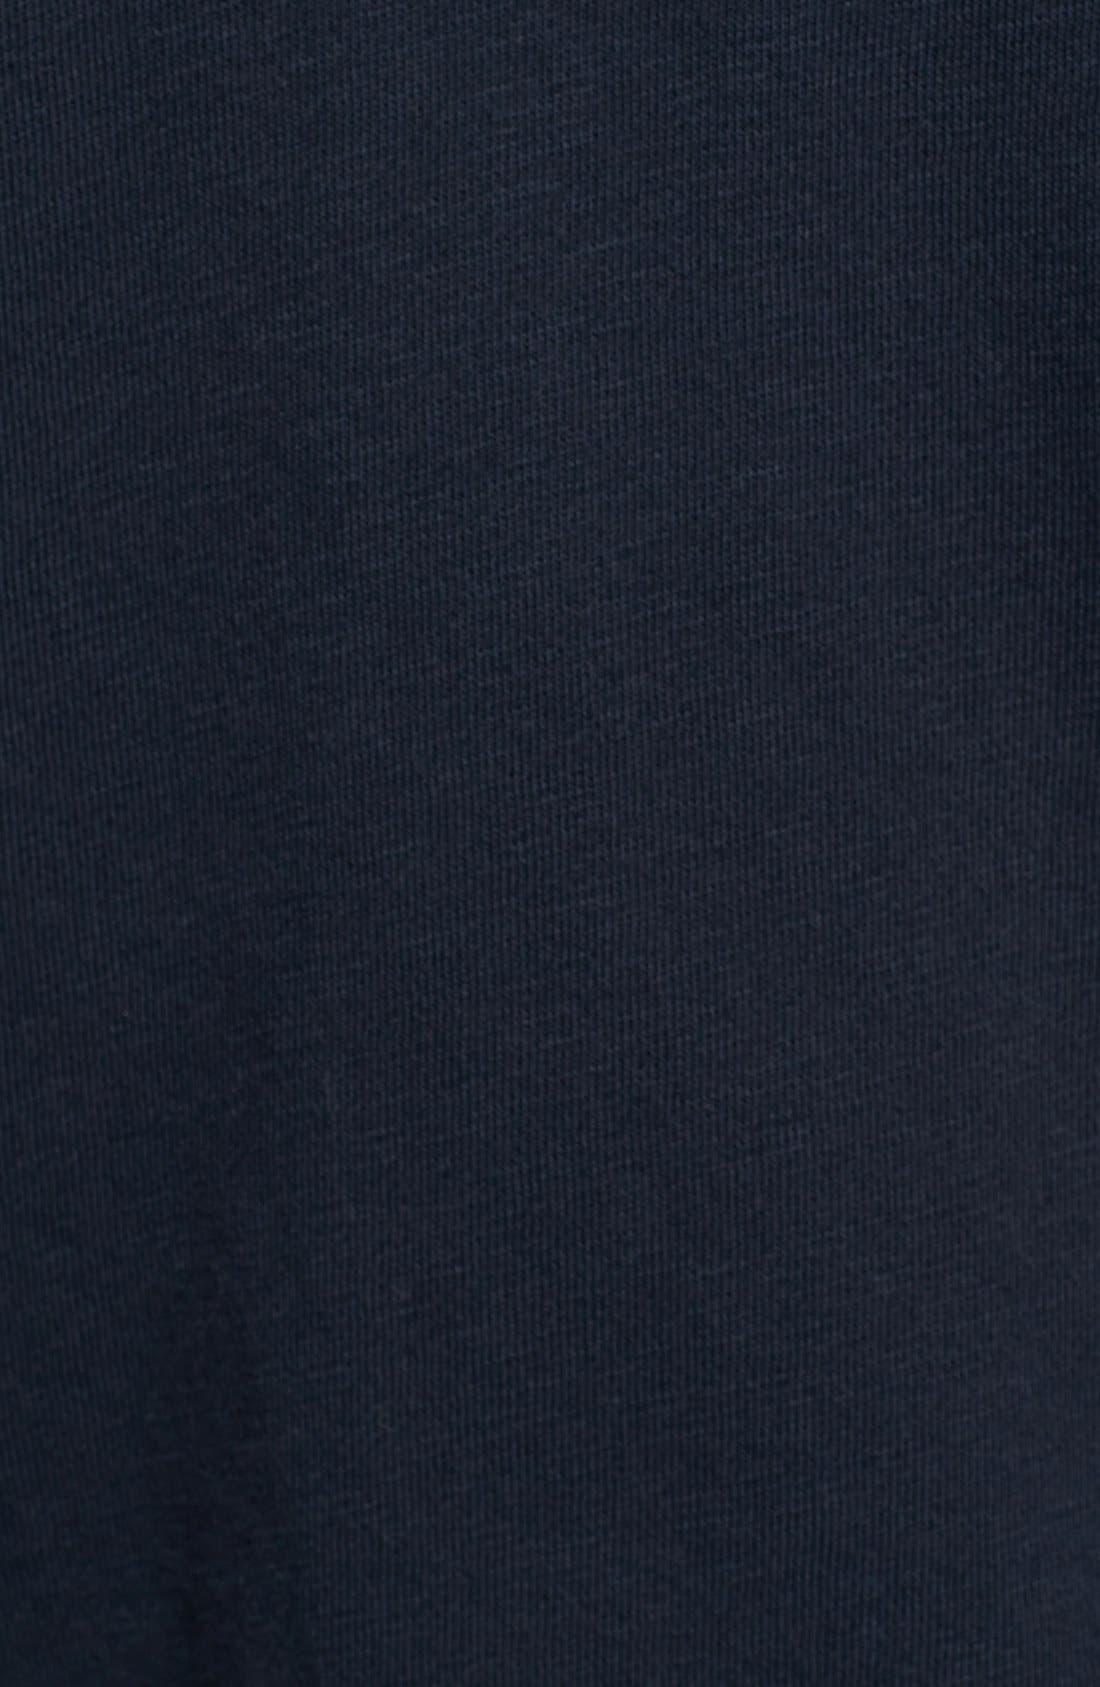 Alternate Image 3  - James Perse Classic Zip Hoodie